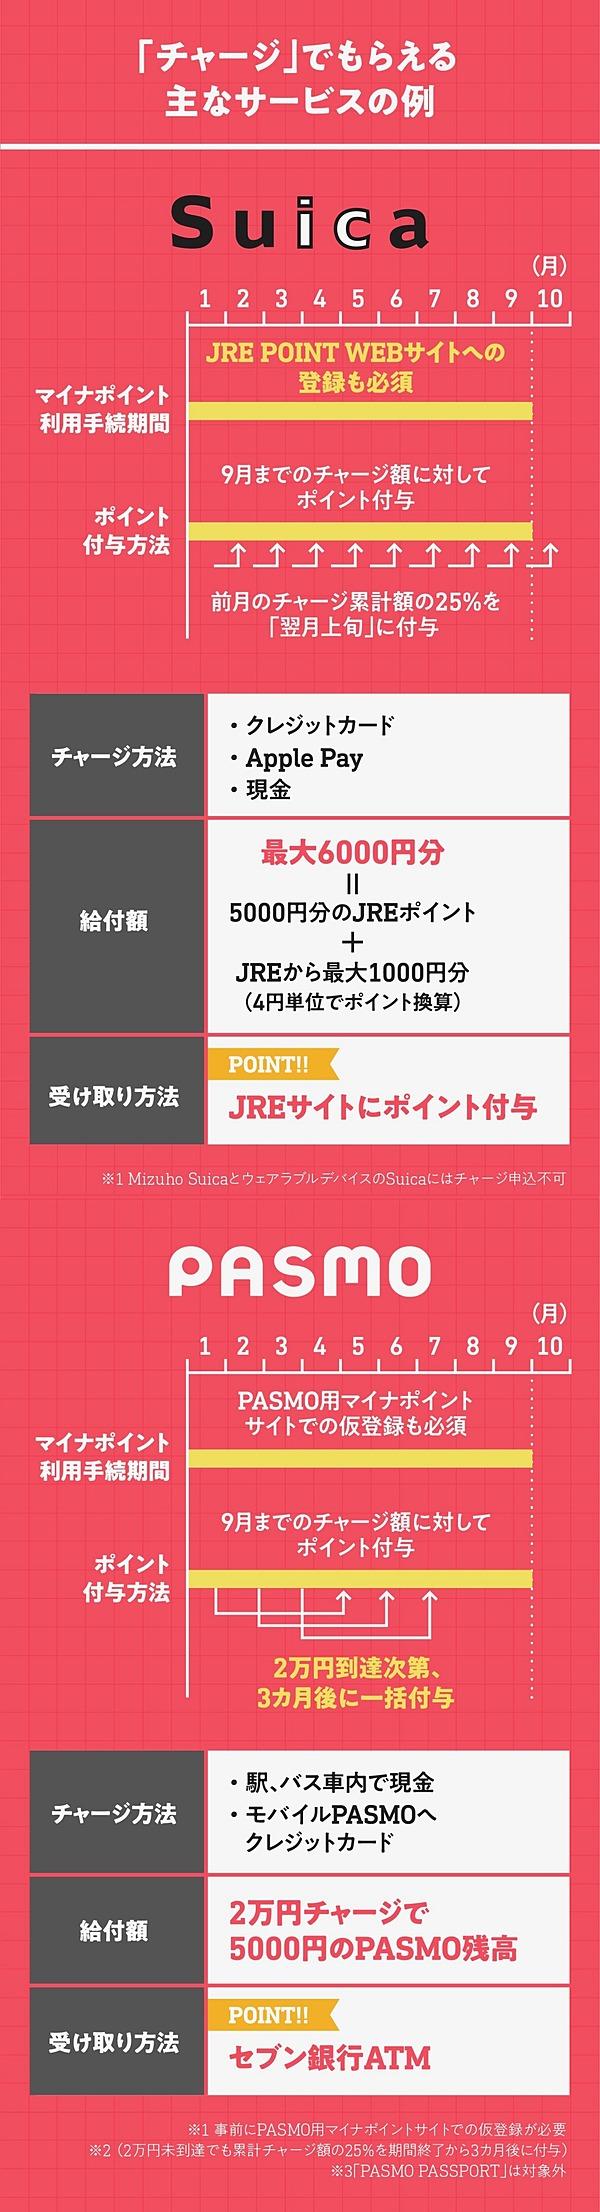 五 マイ 円 ナンバー 千